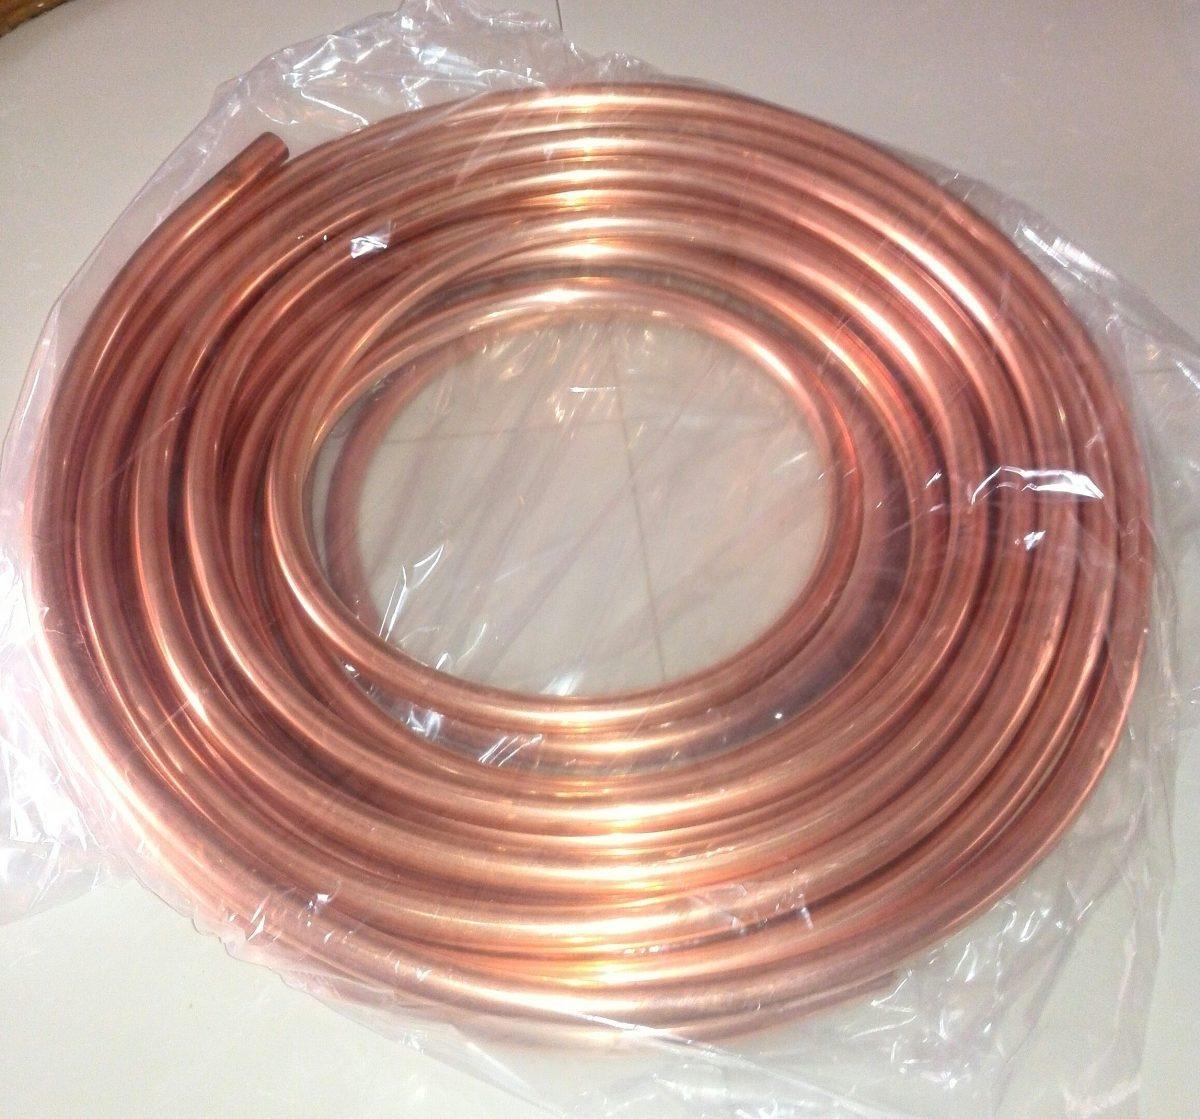 Tuberia flexible de cobre 1 4 de mts bs - Tuberia cobre precio ...